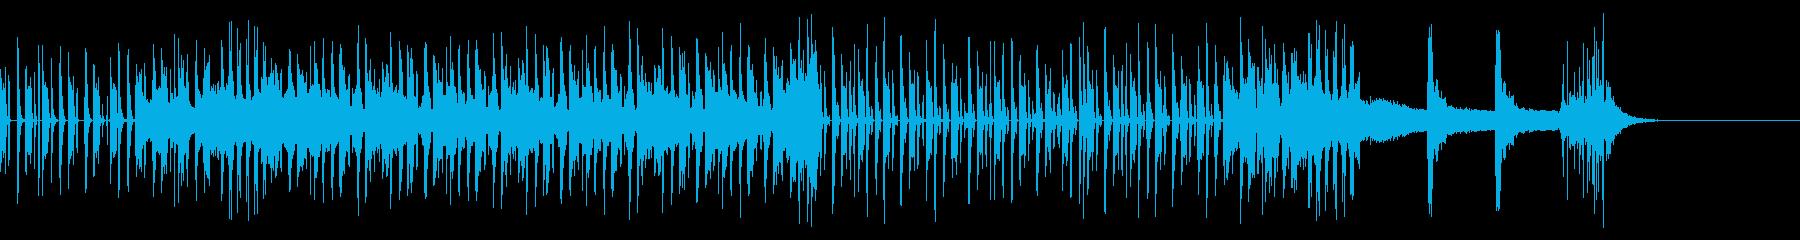 コミカルとシリアスを併せ持つドラムンの再生済みの波形